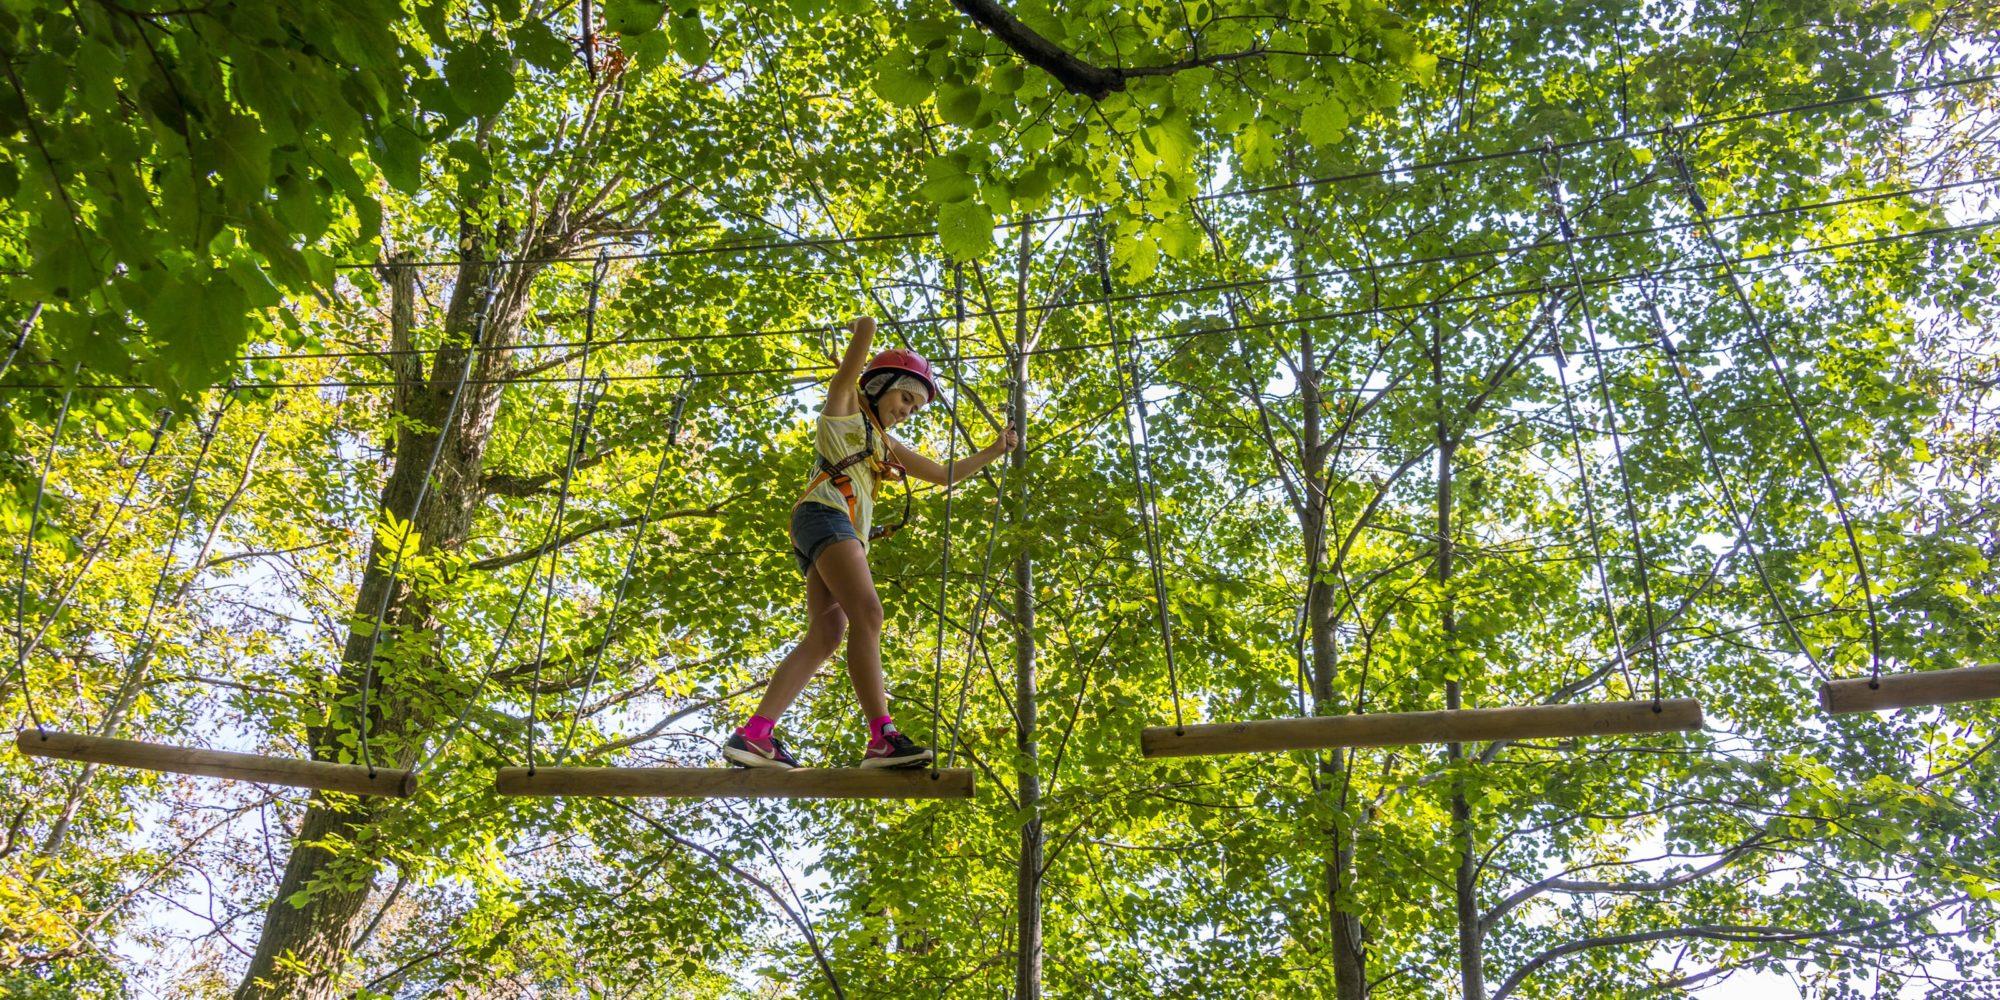 Divertenti percorsi sugli alberi al bosco park